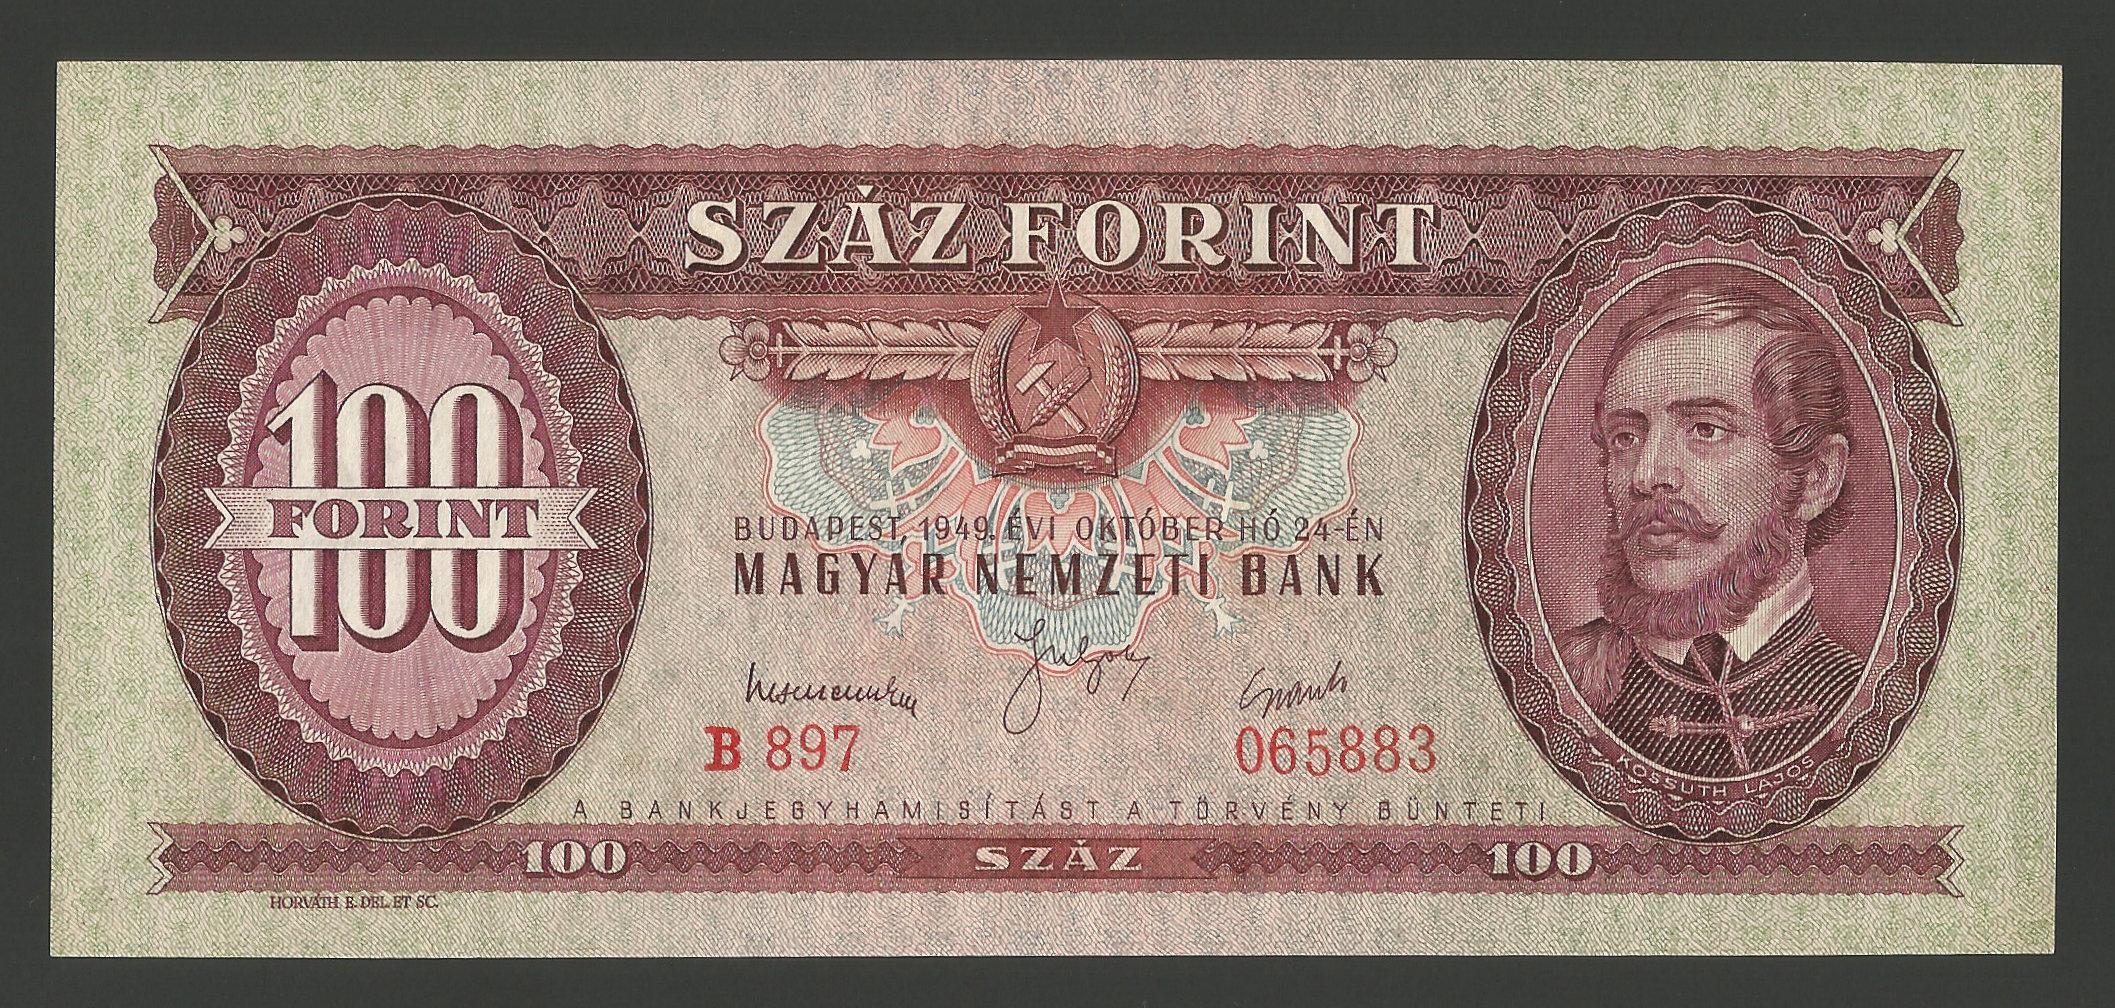 پول مجارستان